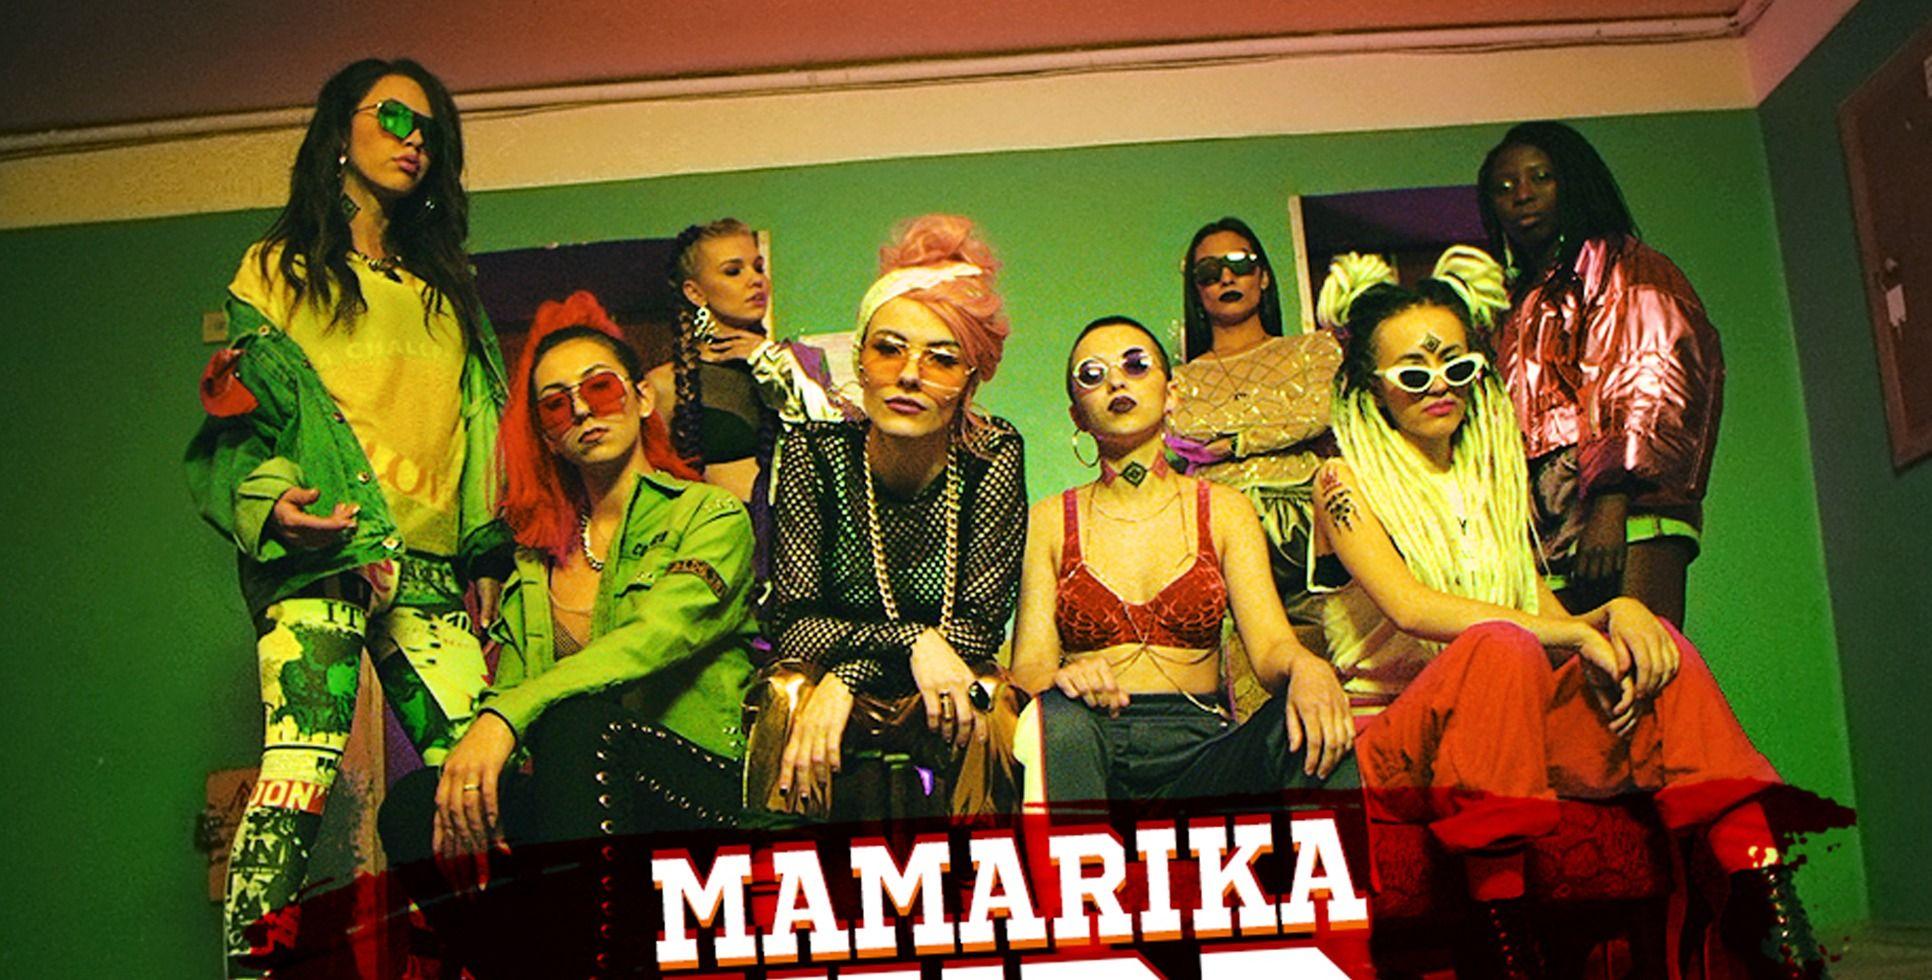 MamaRika презентувала кліп на пісню ХХДД